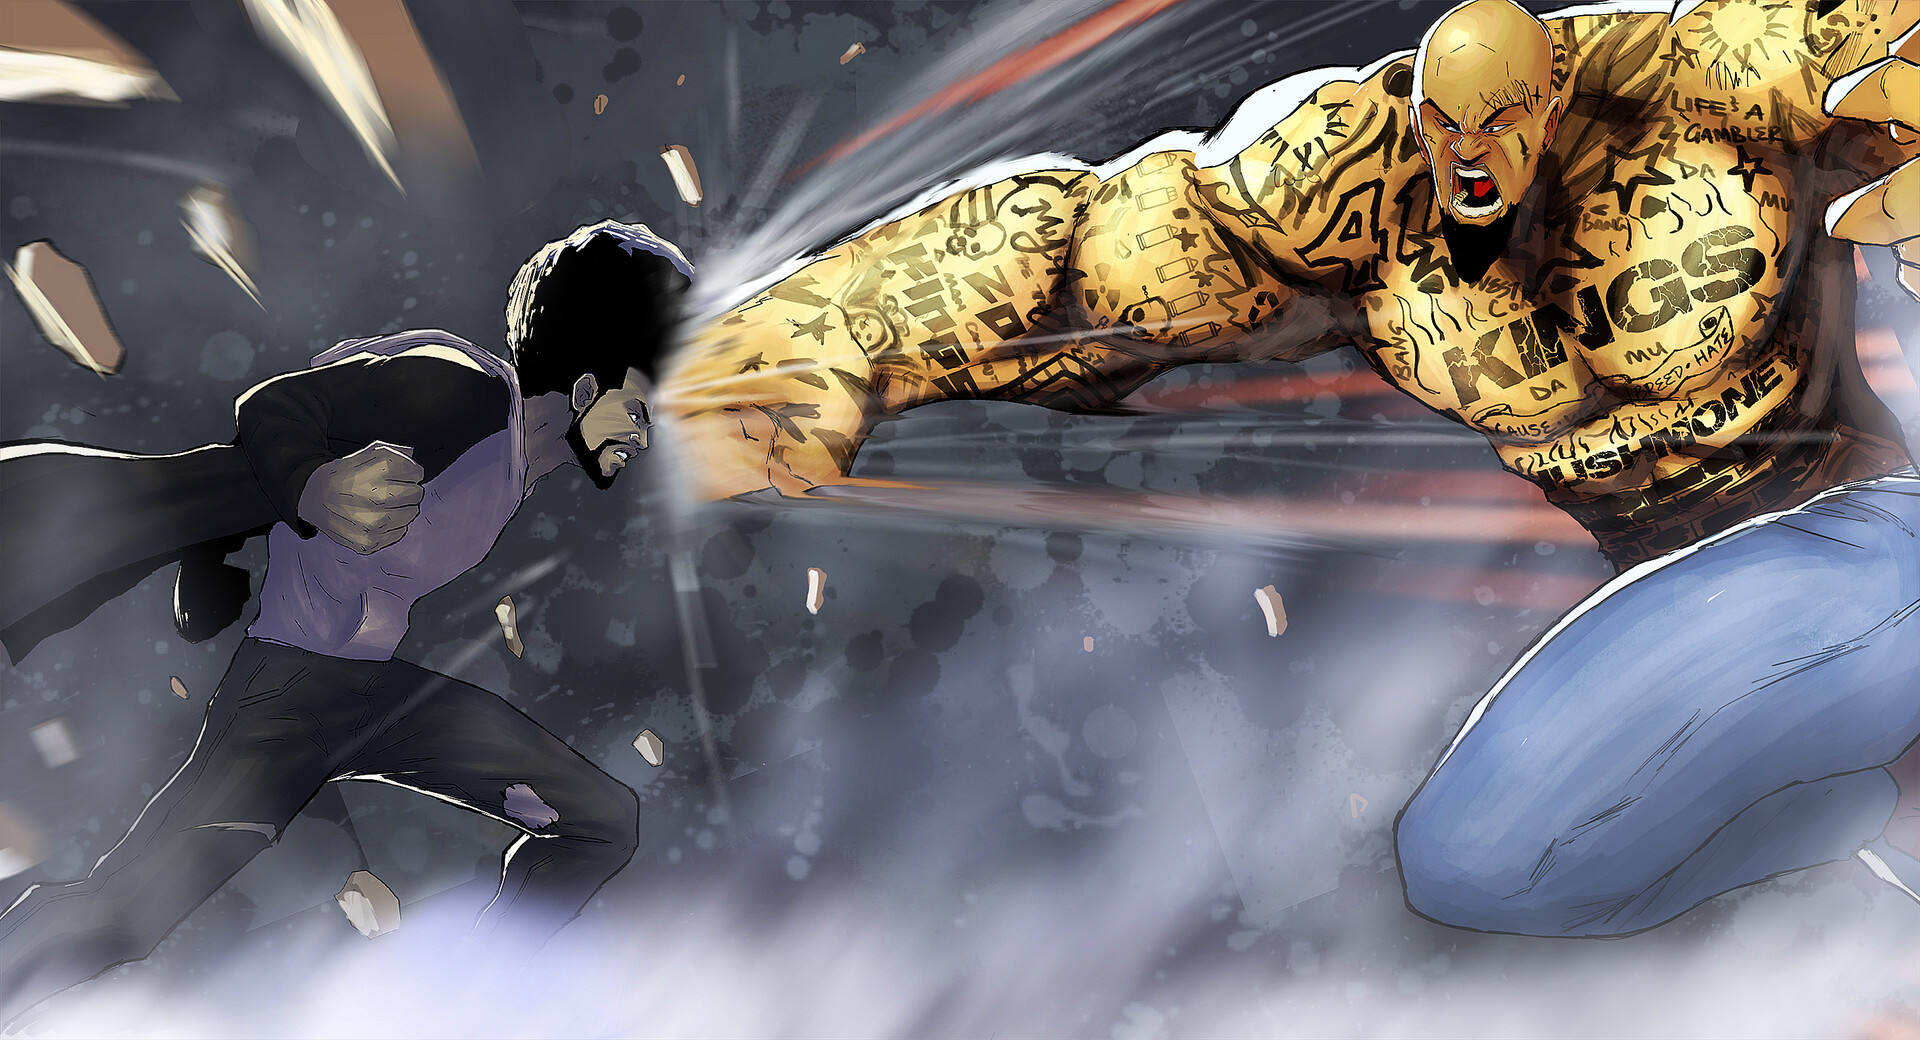 ghost vs golden thug